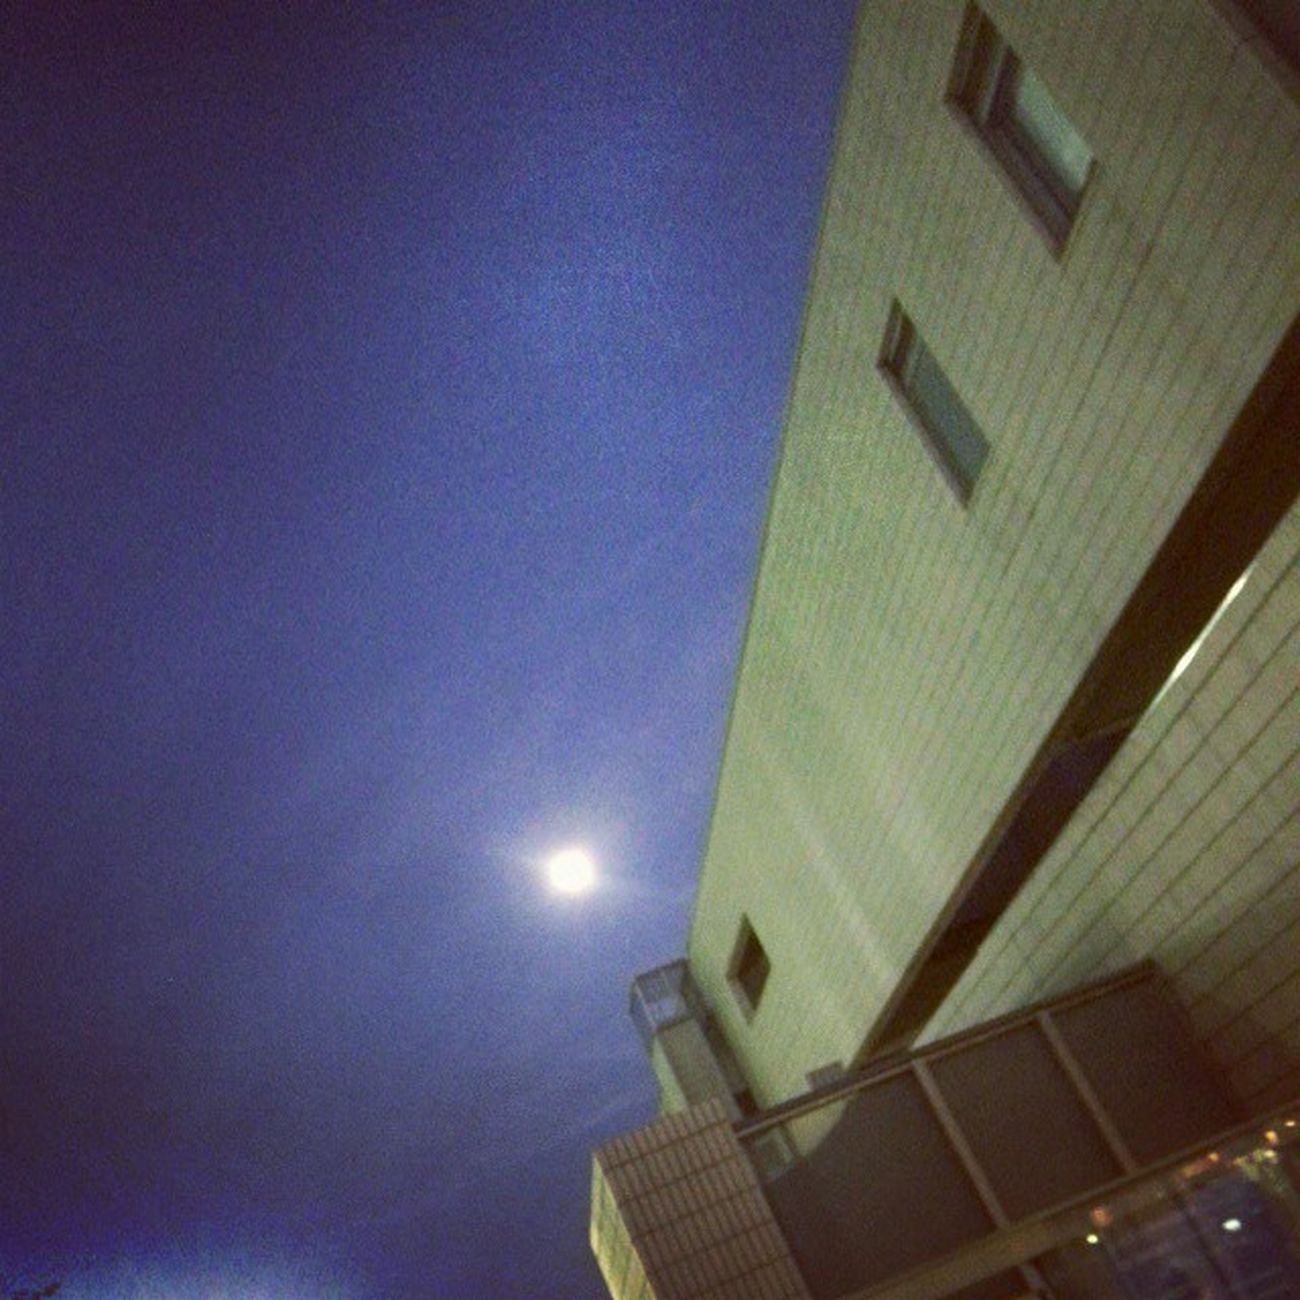 図書館出たらまさかの真っ暗。 向こうの方はまだ明るいか。 月 夕焼け見たかった 自転車でお散歩しよ 本借りすぎてリュック重い